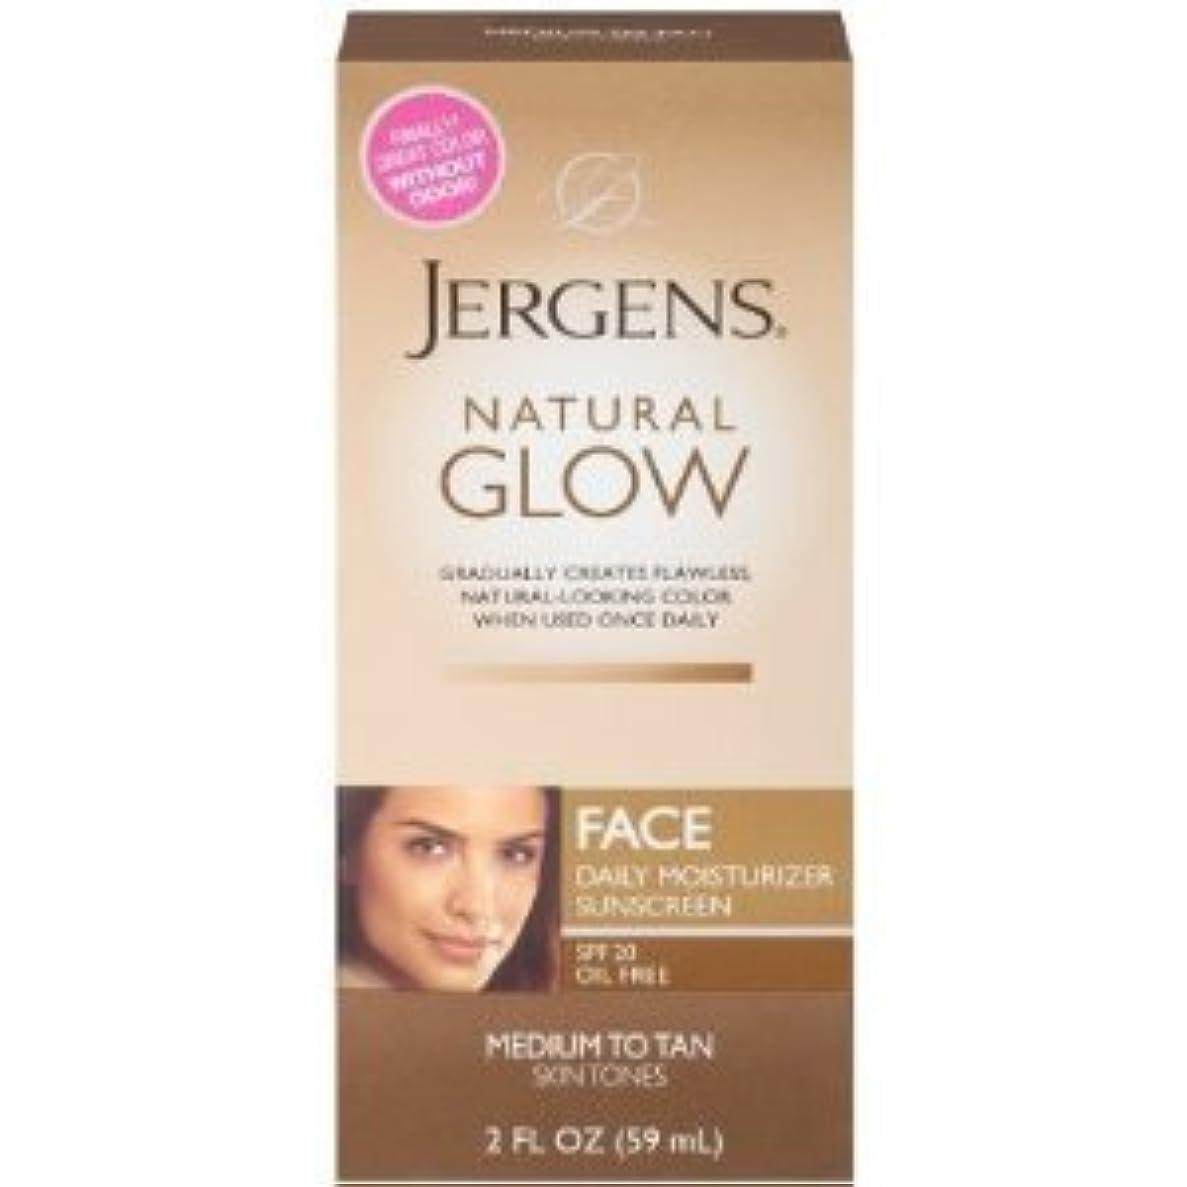 晩餐シーズン安定Natural Glow Healthy Complexion Daily Facial Moisturizer, SPF 20, Medium to Tan, (59ml) (海外直送品)